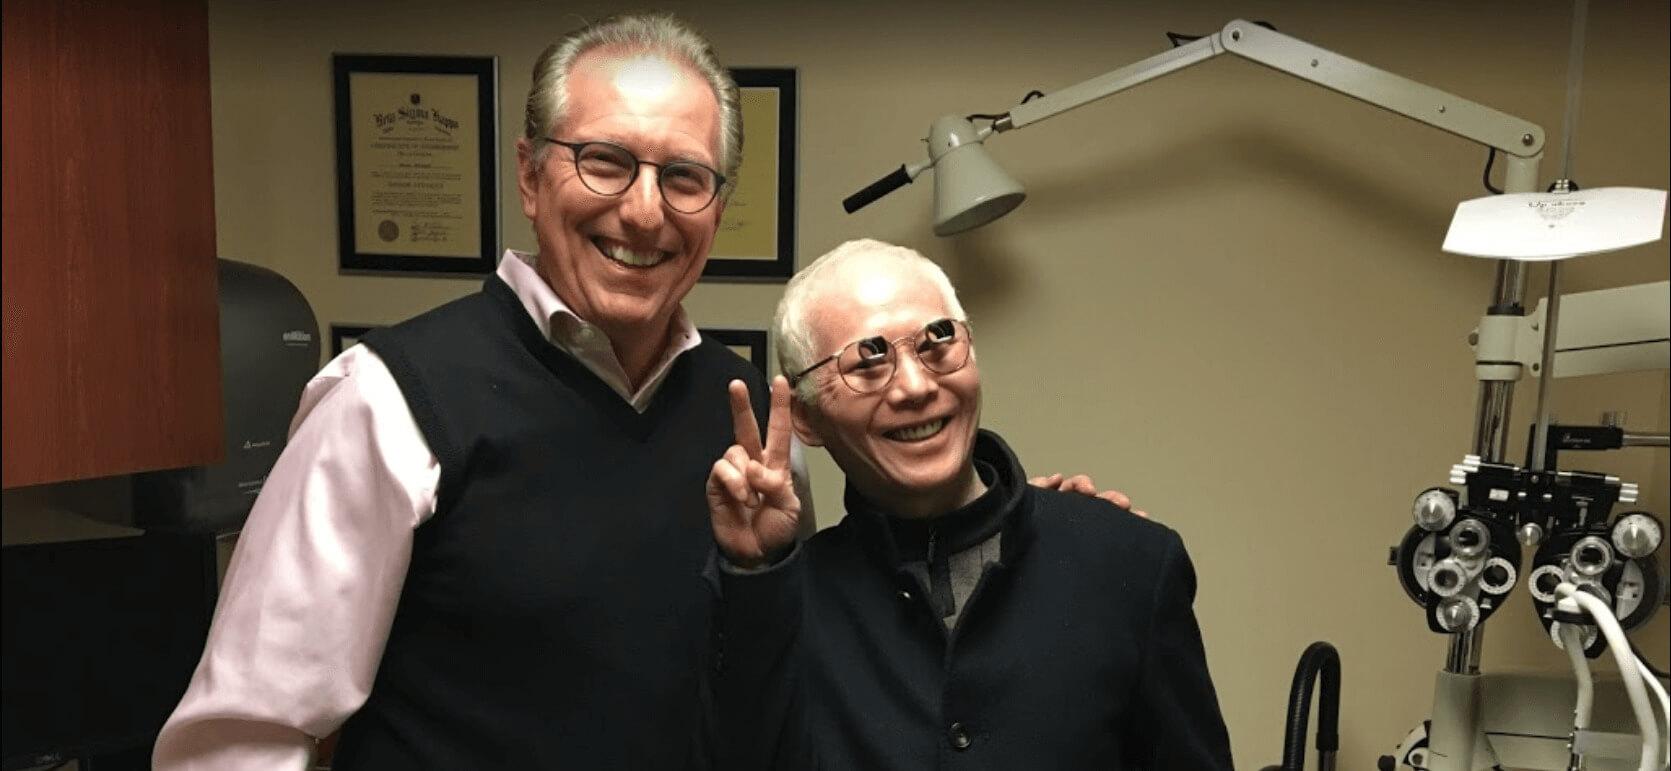 dr schoenbart with happy lv patient